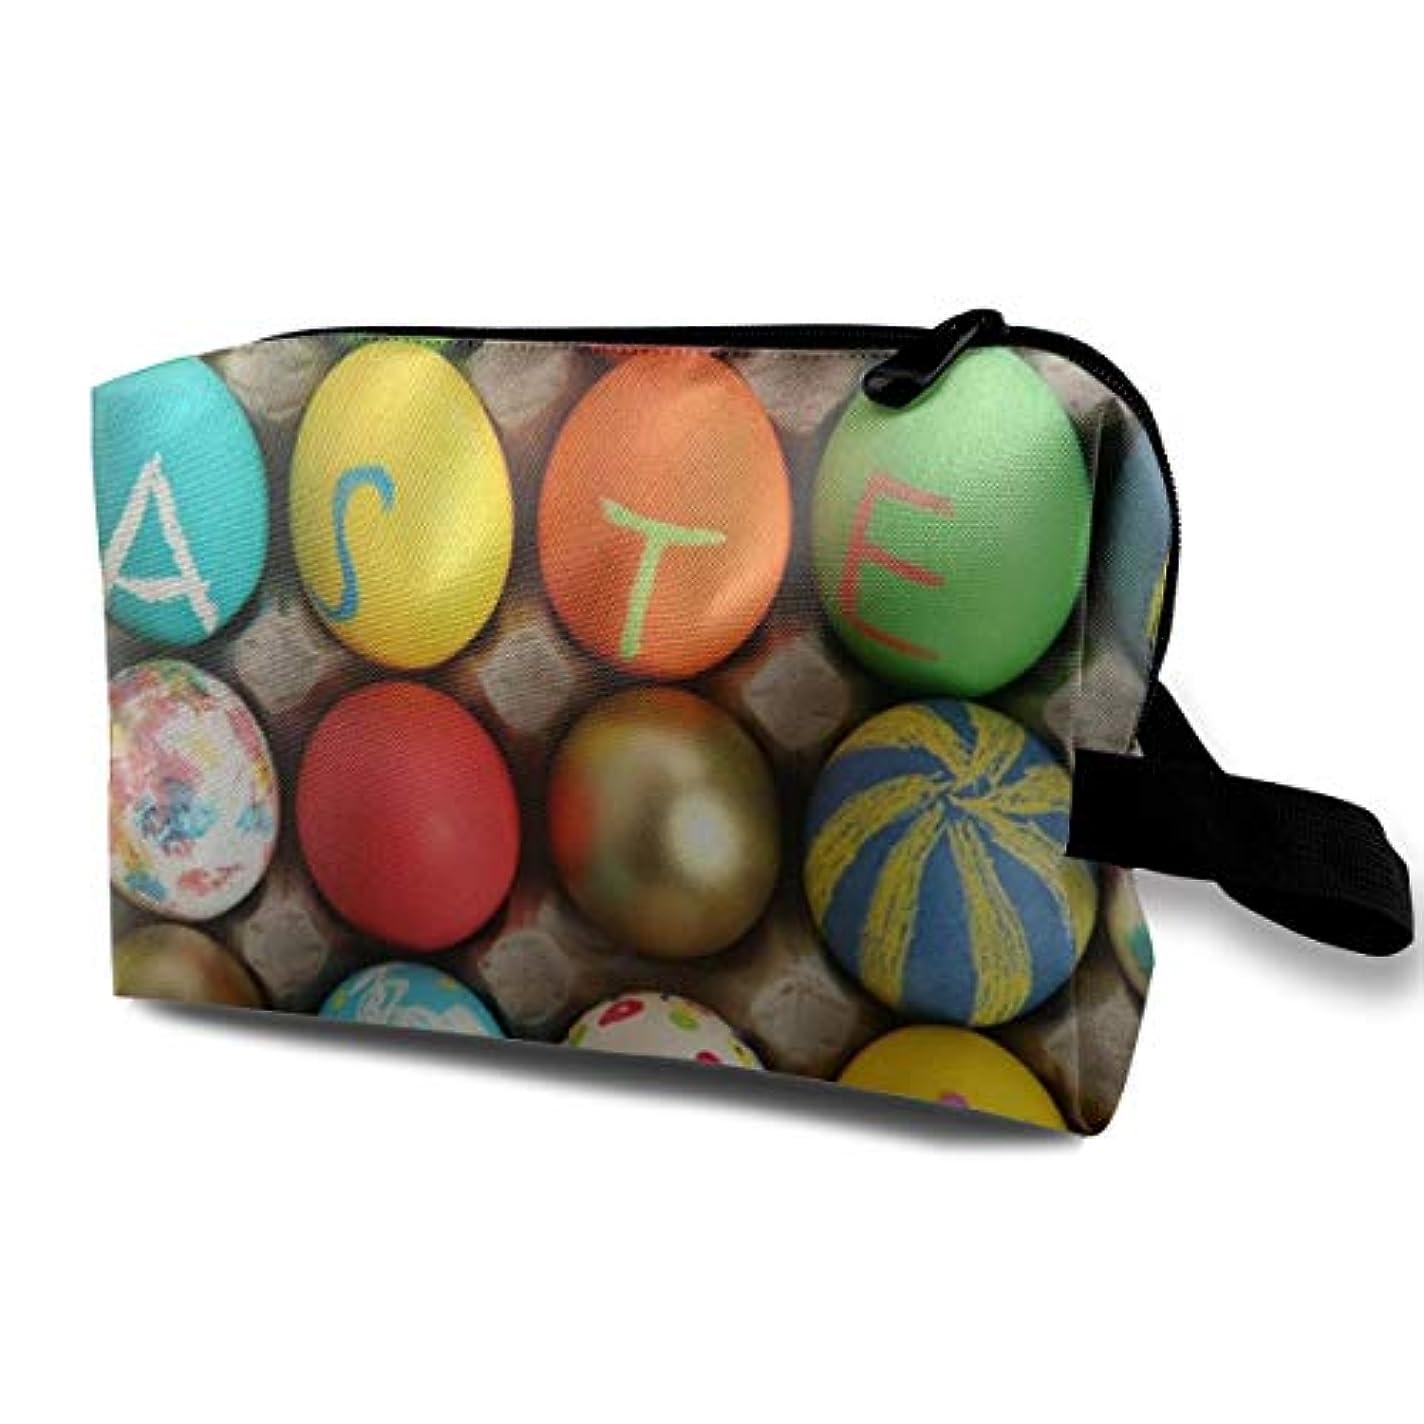 砂利憂鬱な謝罪するColorful Easter Eggs 収納ポーチ 化粧ポーチ 大容量 軽量 耐久性 ハンドル付持ち運び便利。入れ 自宅?出張?旅行?アウトドア撮影などに対応。メンズ レディース トラベルグッズ